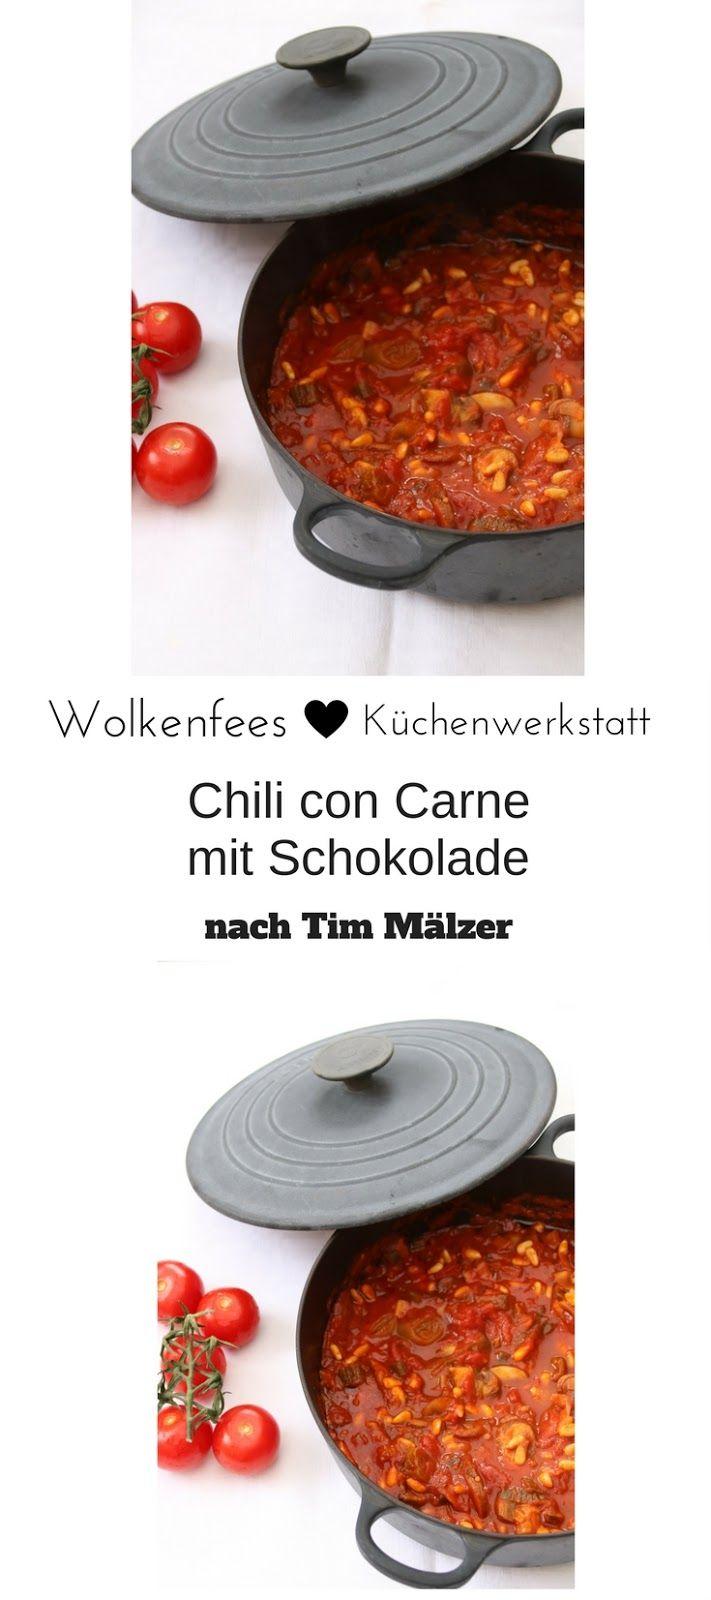 Chili Con Carne Mit Schokolade Das Beste Rezept Nach Tim Mälzer